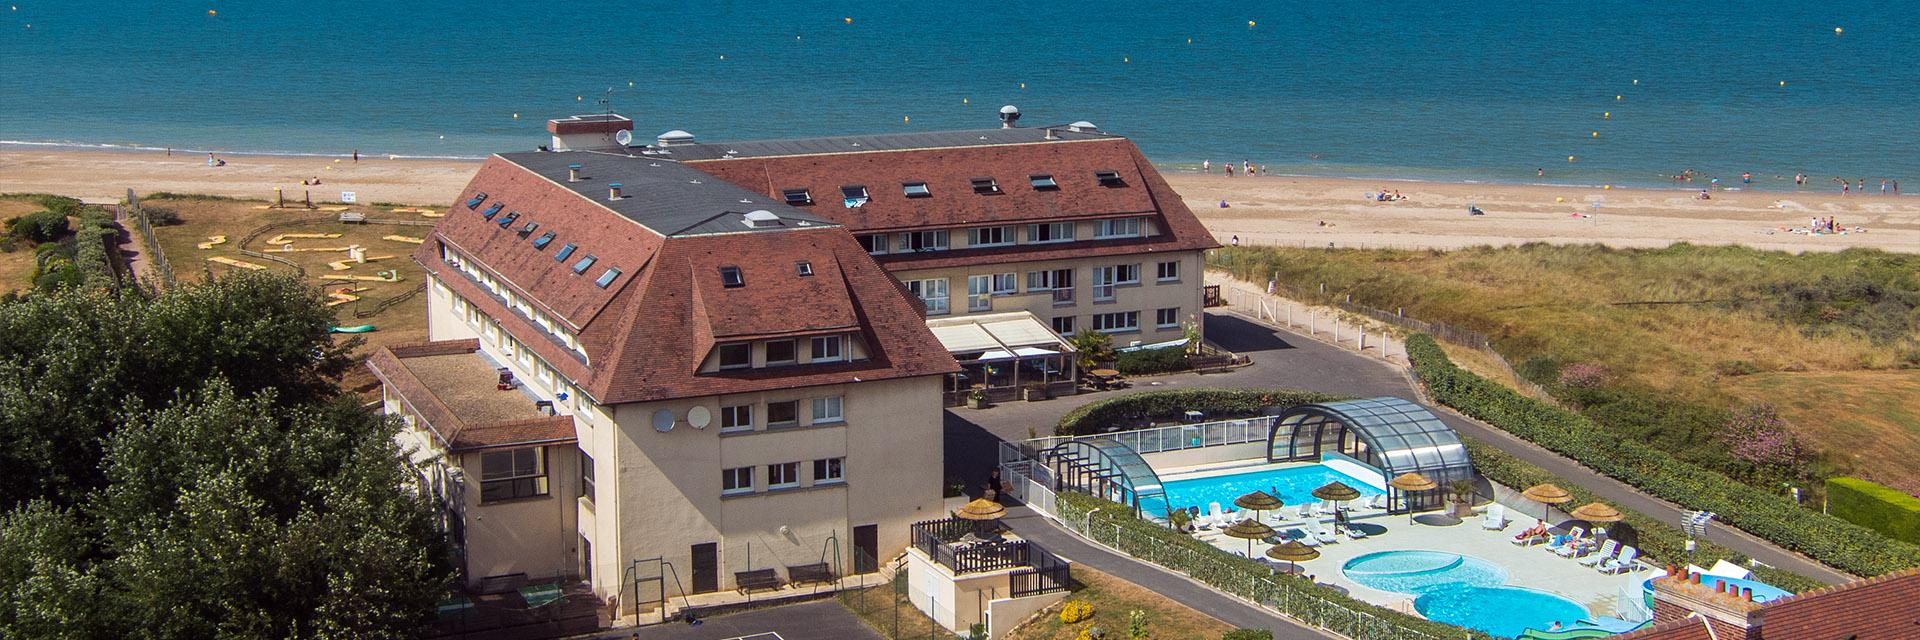 Village_club_vacances_normandie-et-cote-dopale-bon-séjour-plage-village-vue